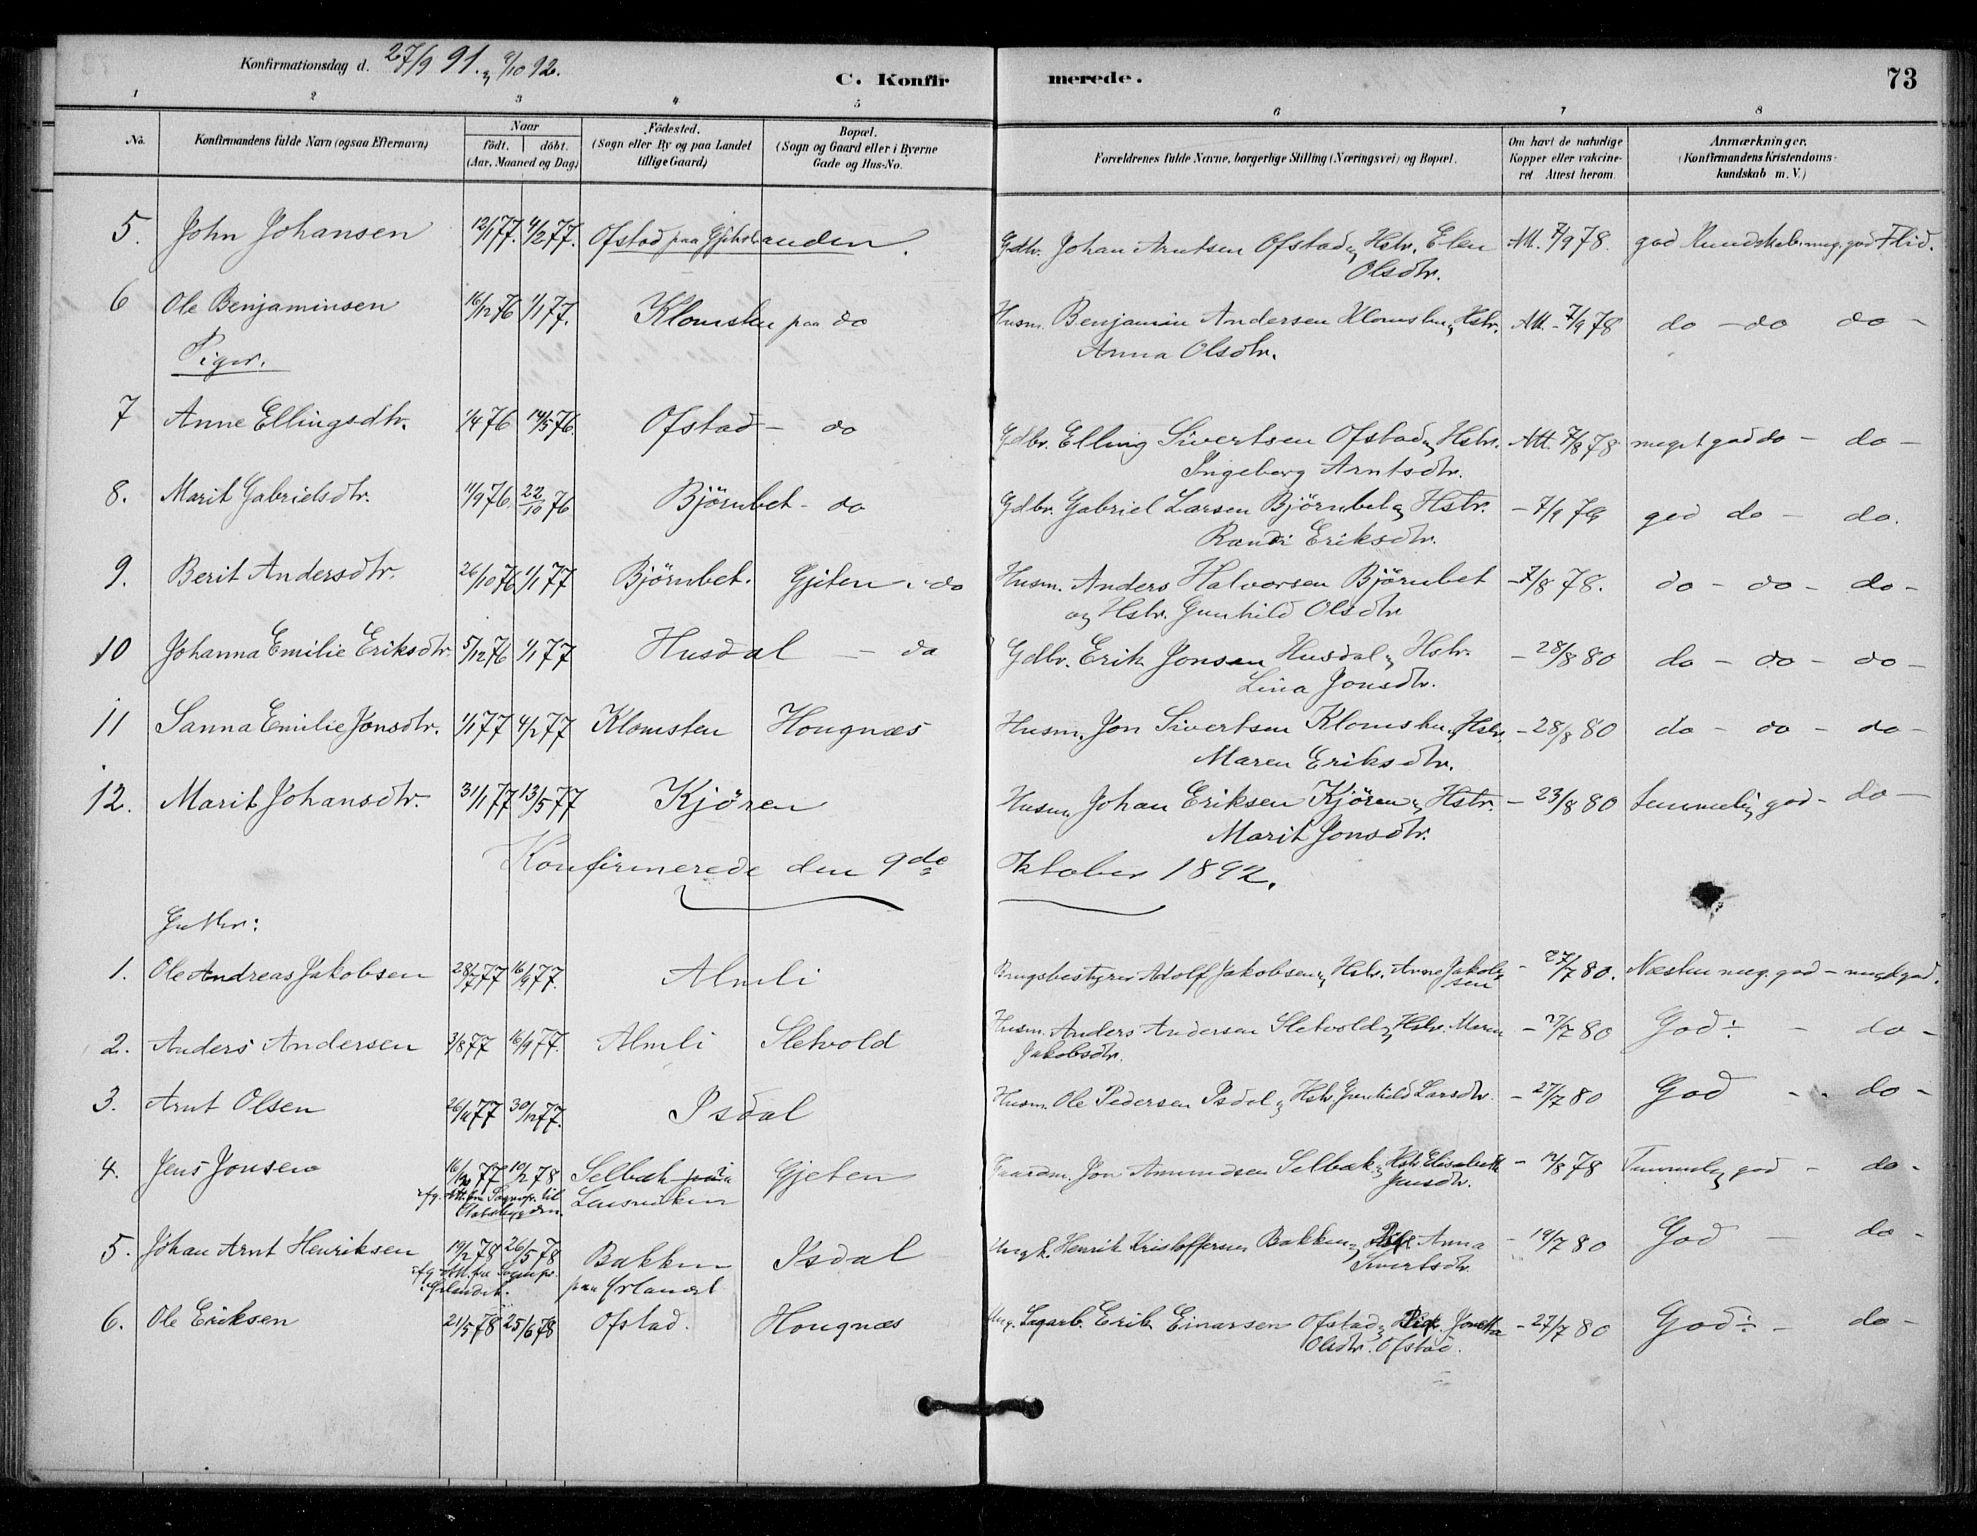 SAT, Ministerialprotokoller, klokkerbøker og fødselsregistre - Sør-Trøndelag, 670/L0836: Ministerialbok nr. 670A01, 1879-1904, s. 73